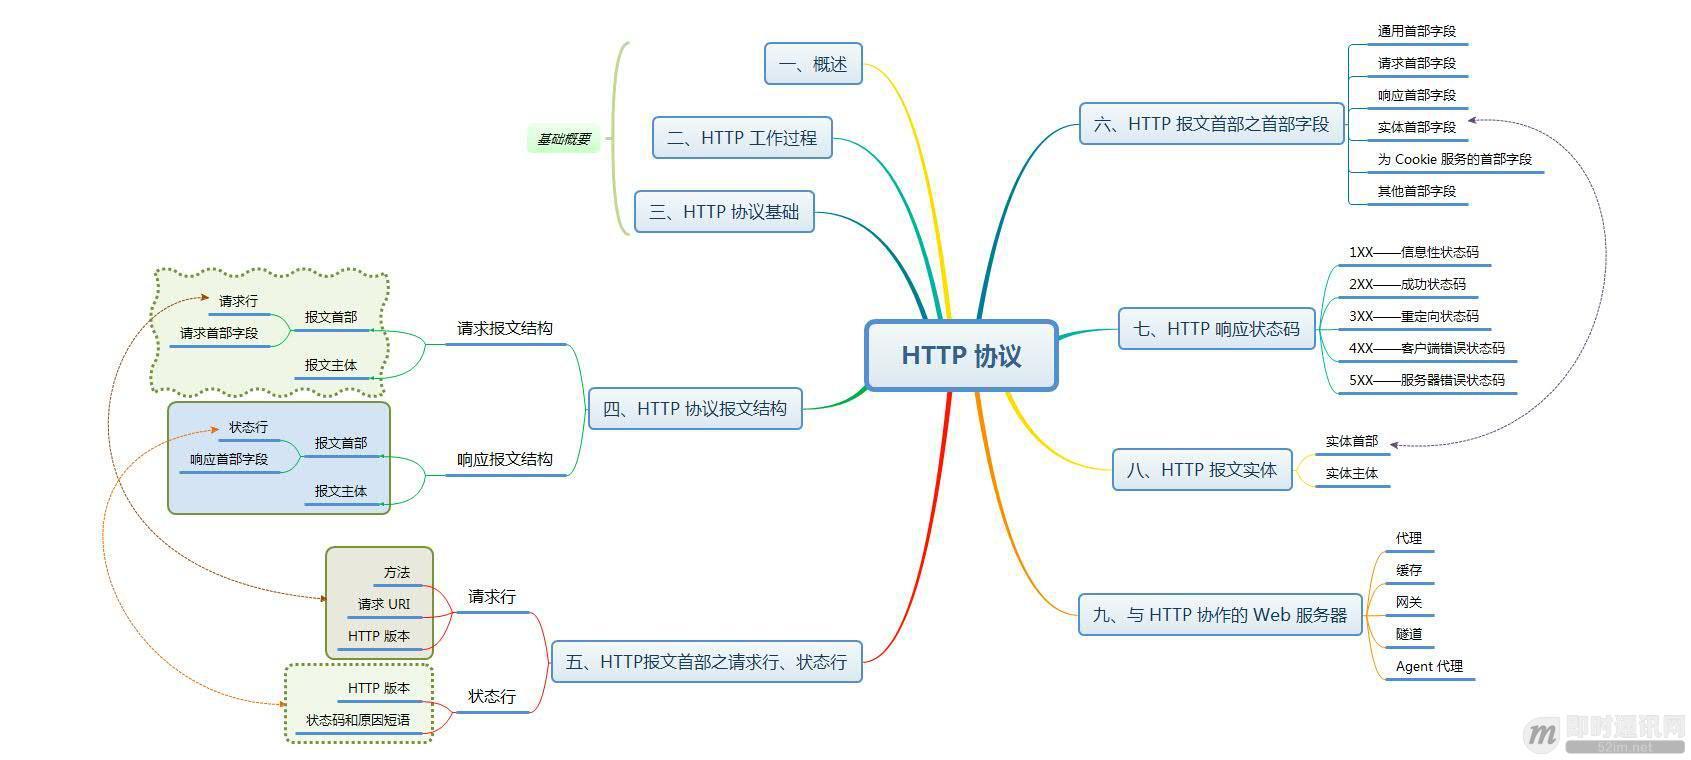 网络编程懒人入门(七):深入浅出,全面理解HTTP协议